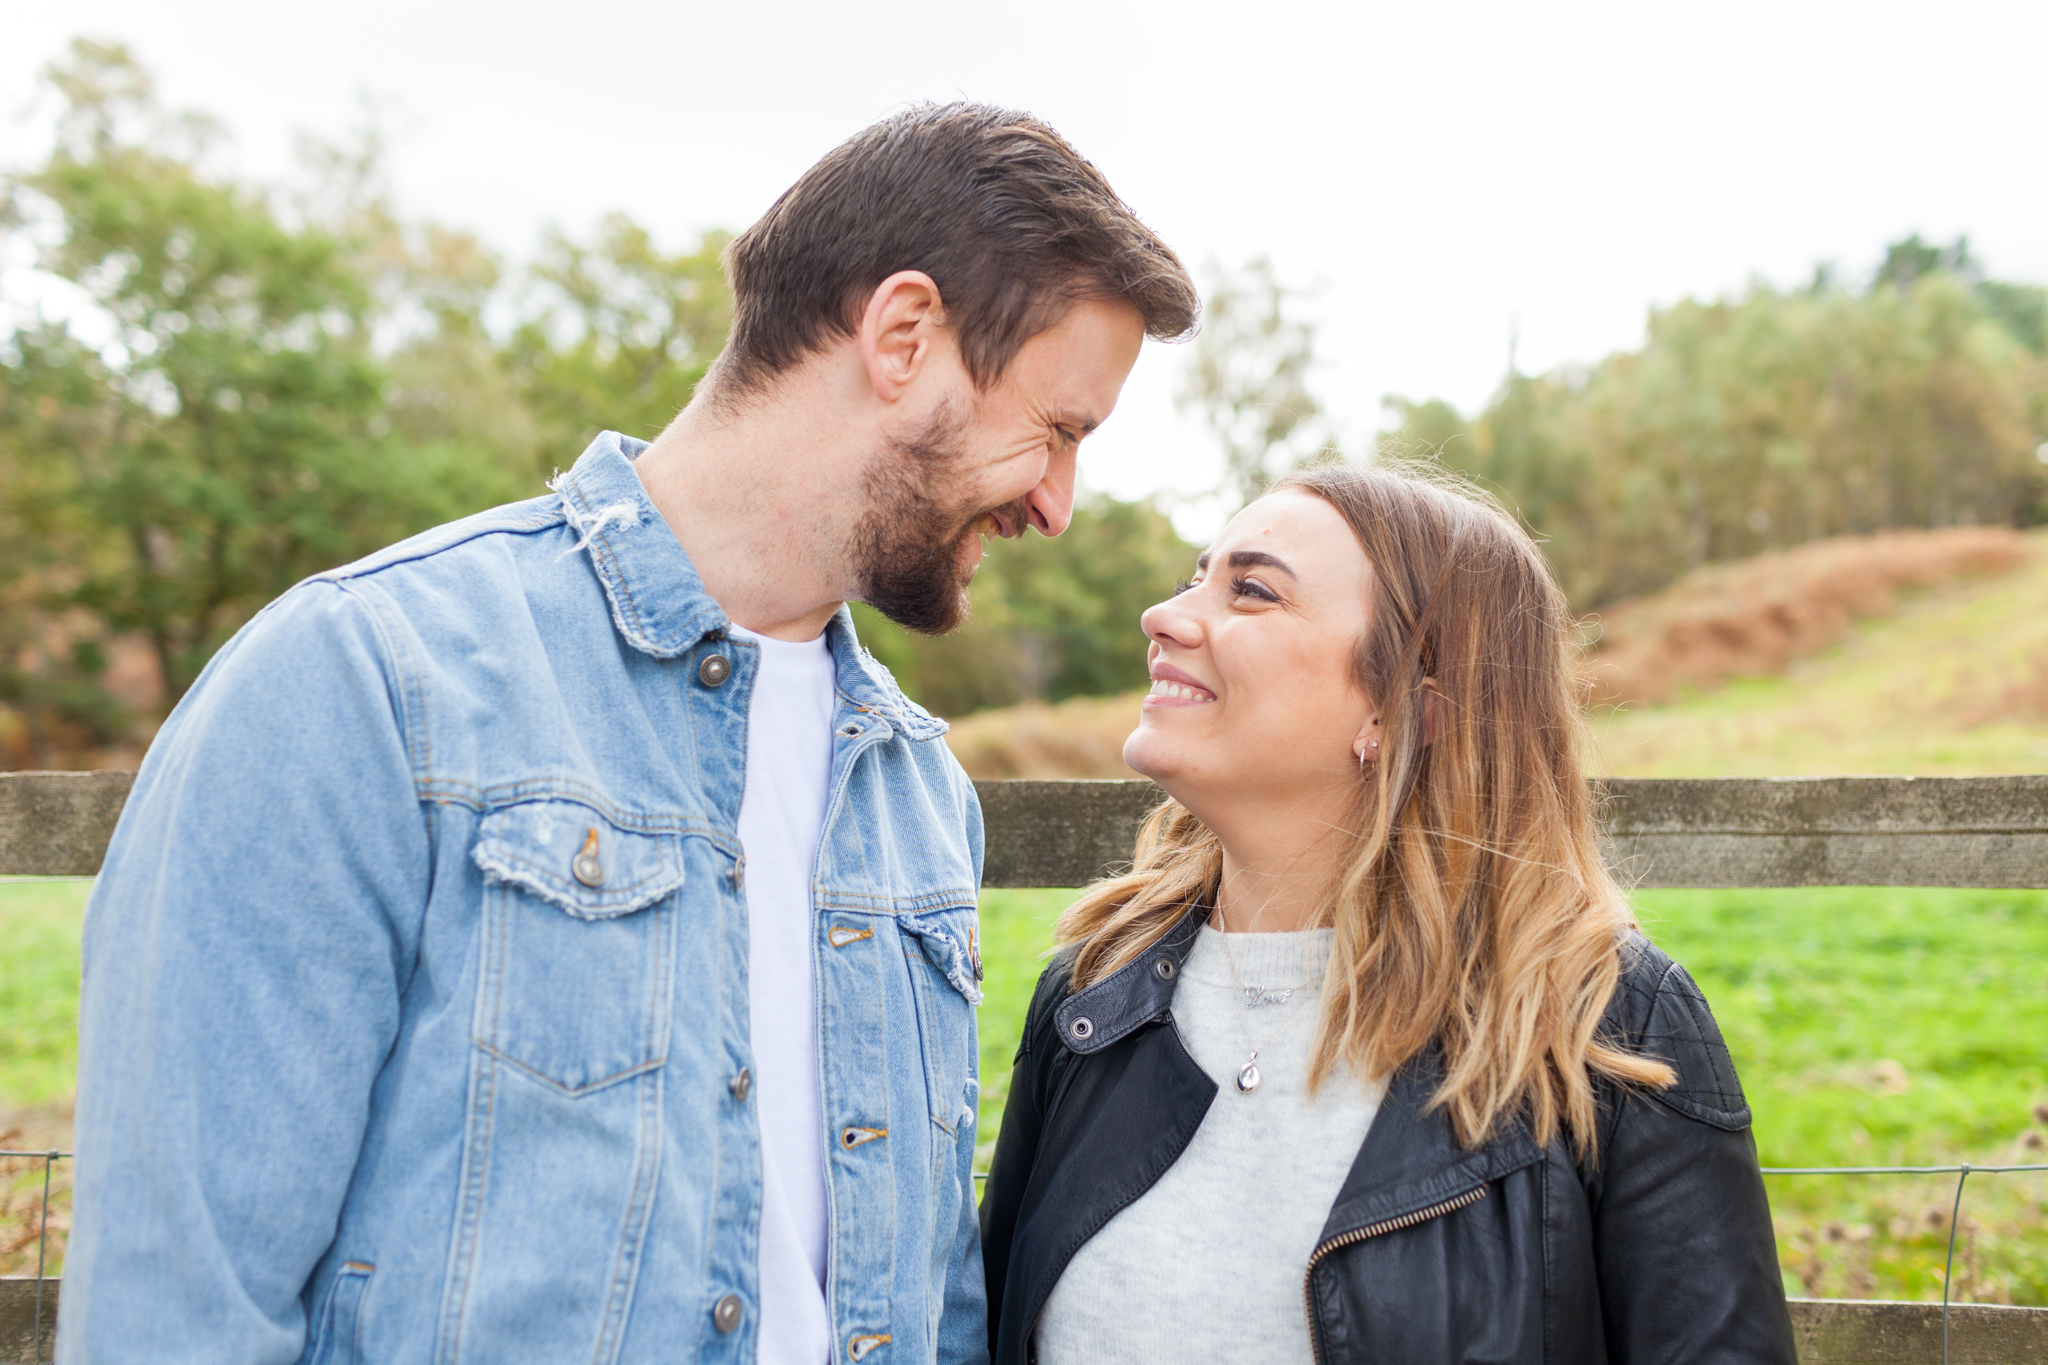 Farnham Engagement – Hankley Common, Imogen and James